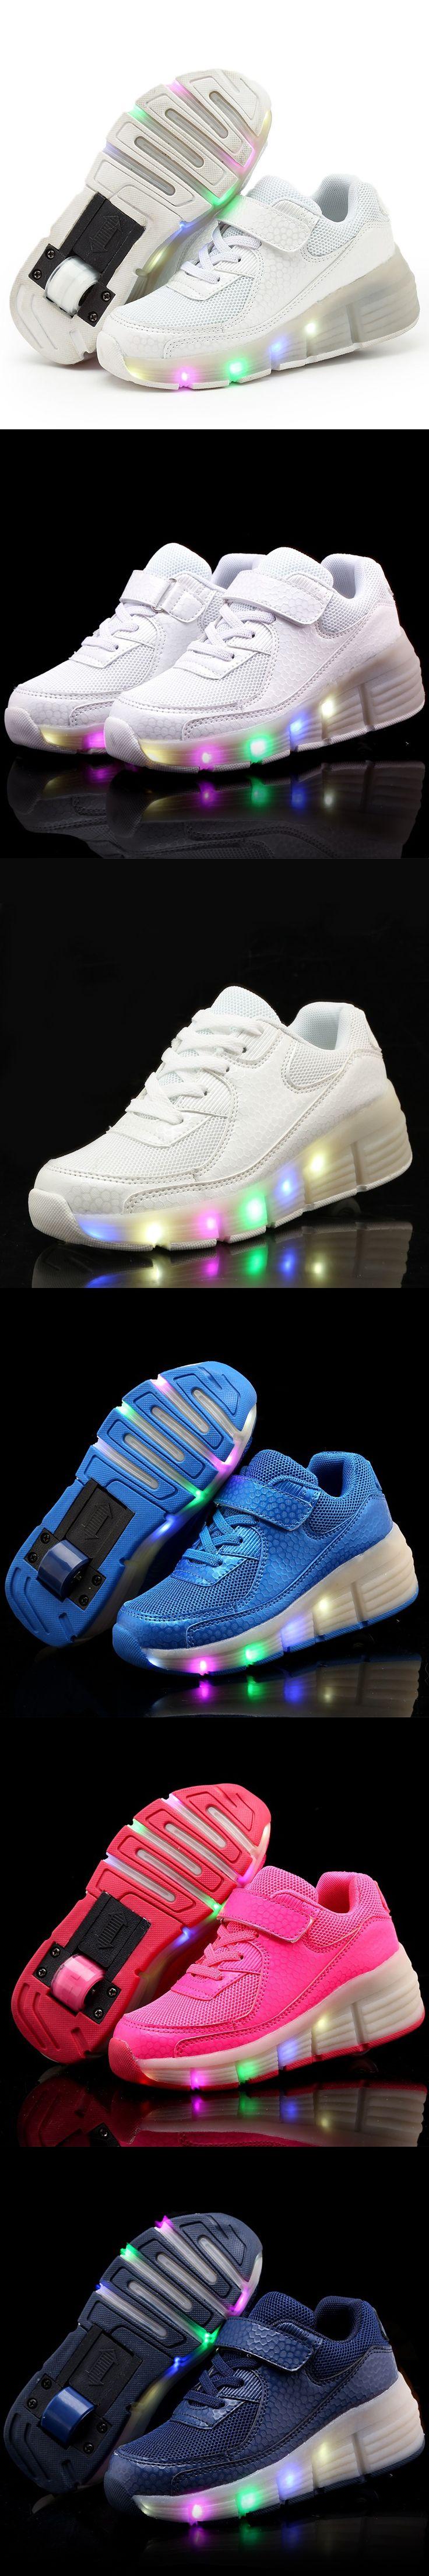 Roller shoes shop - New Child Wheelys Jazzy Led Light Heelys Roller Skate Shoes For Children Kid Junior Boys Girls